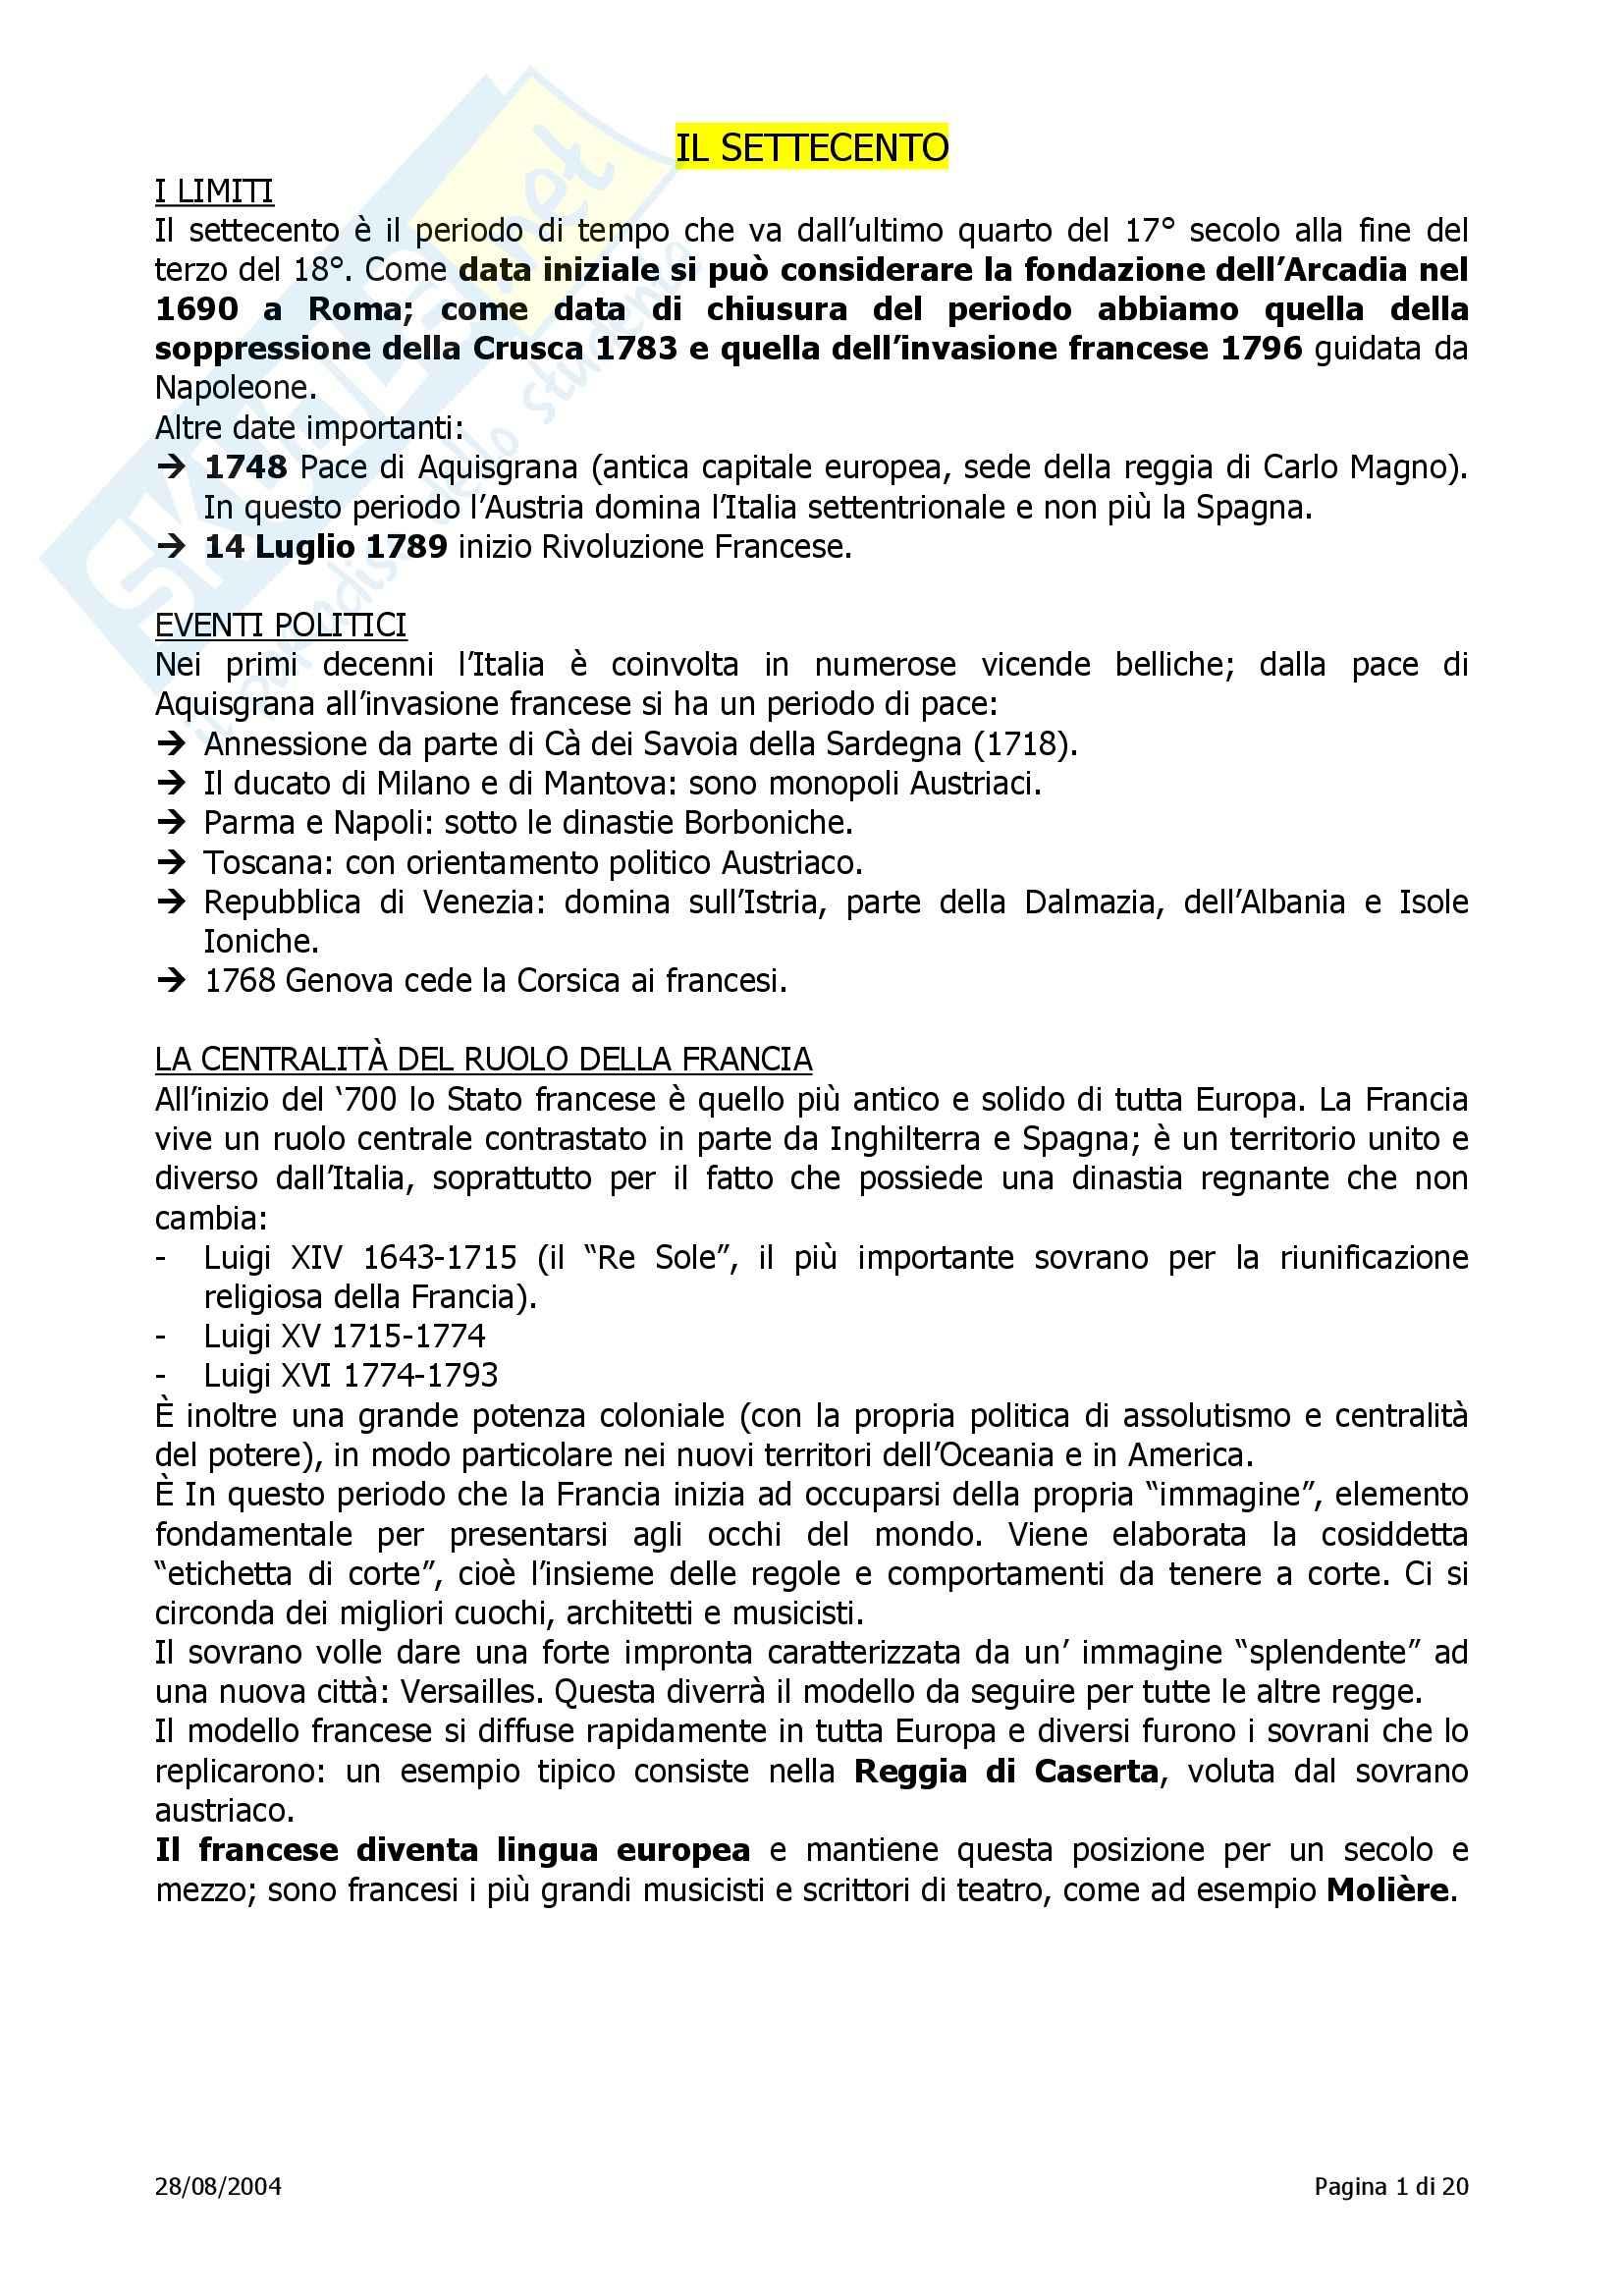 Tecniche espressive e composizione testi in italiano - storia della lingua italiana